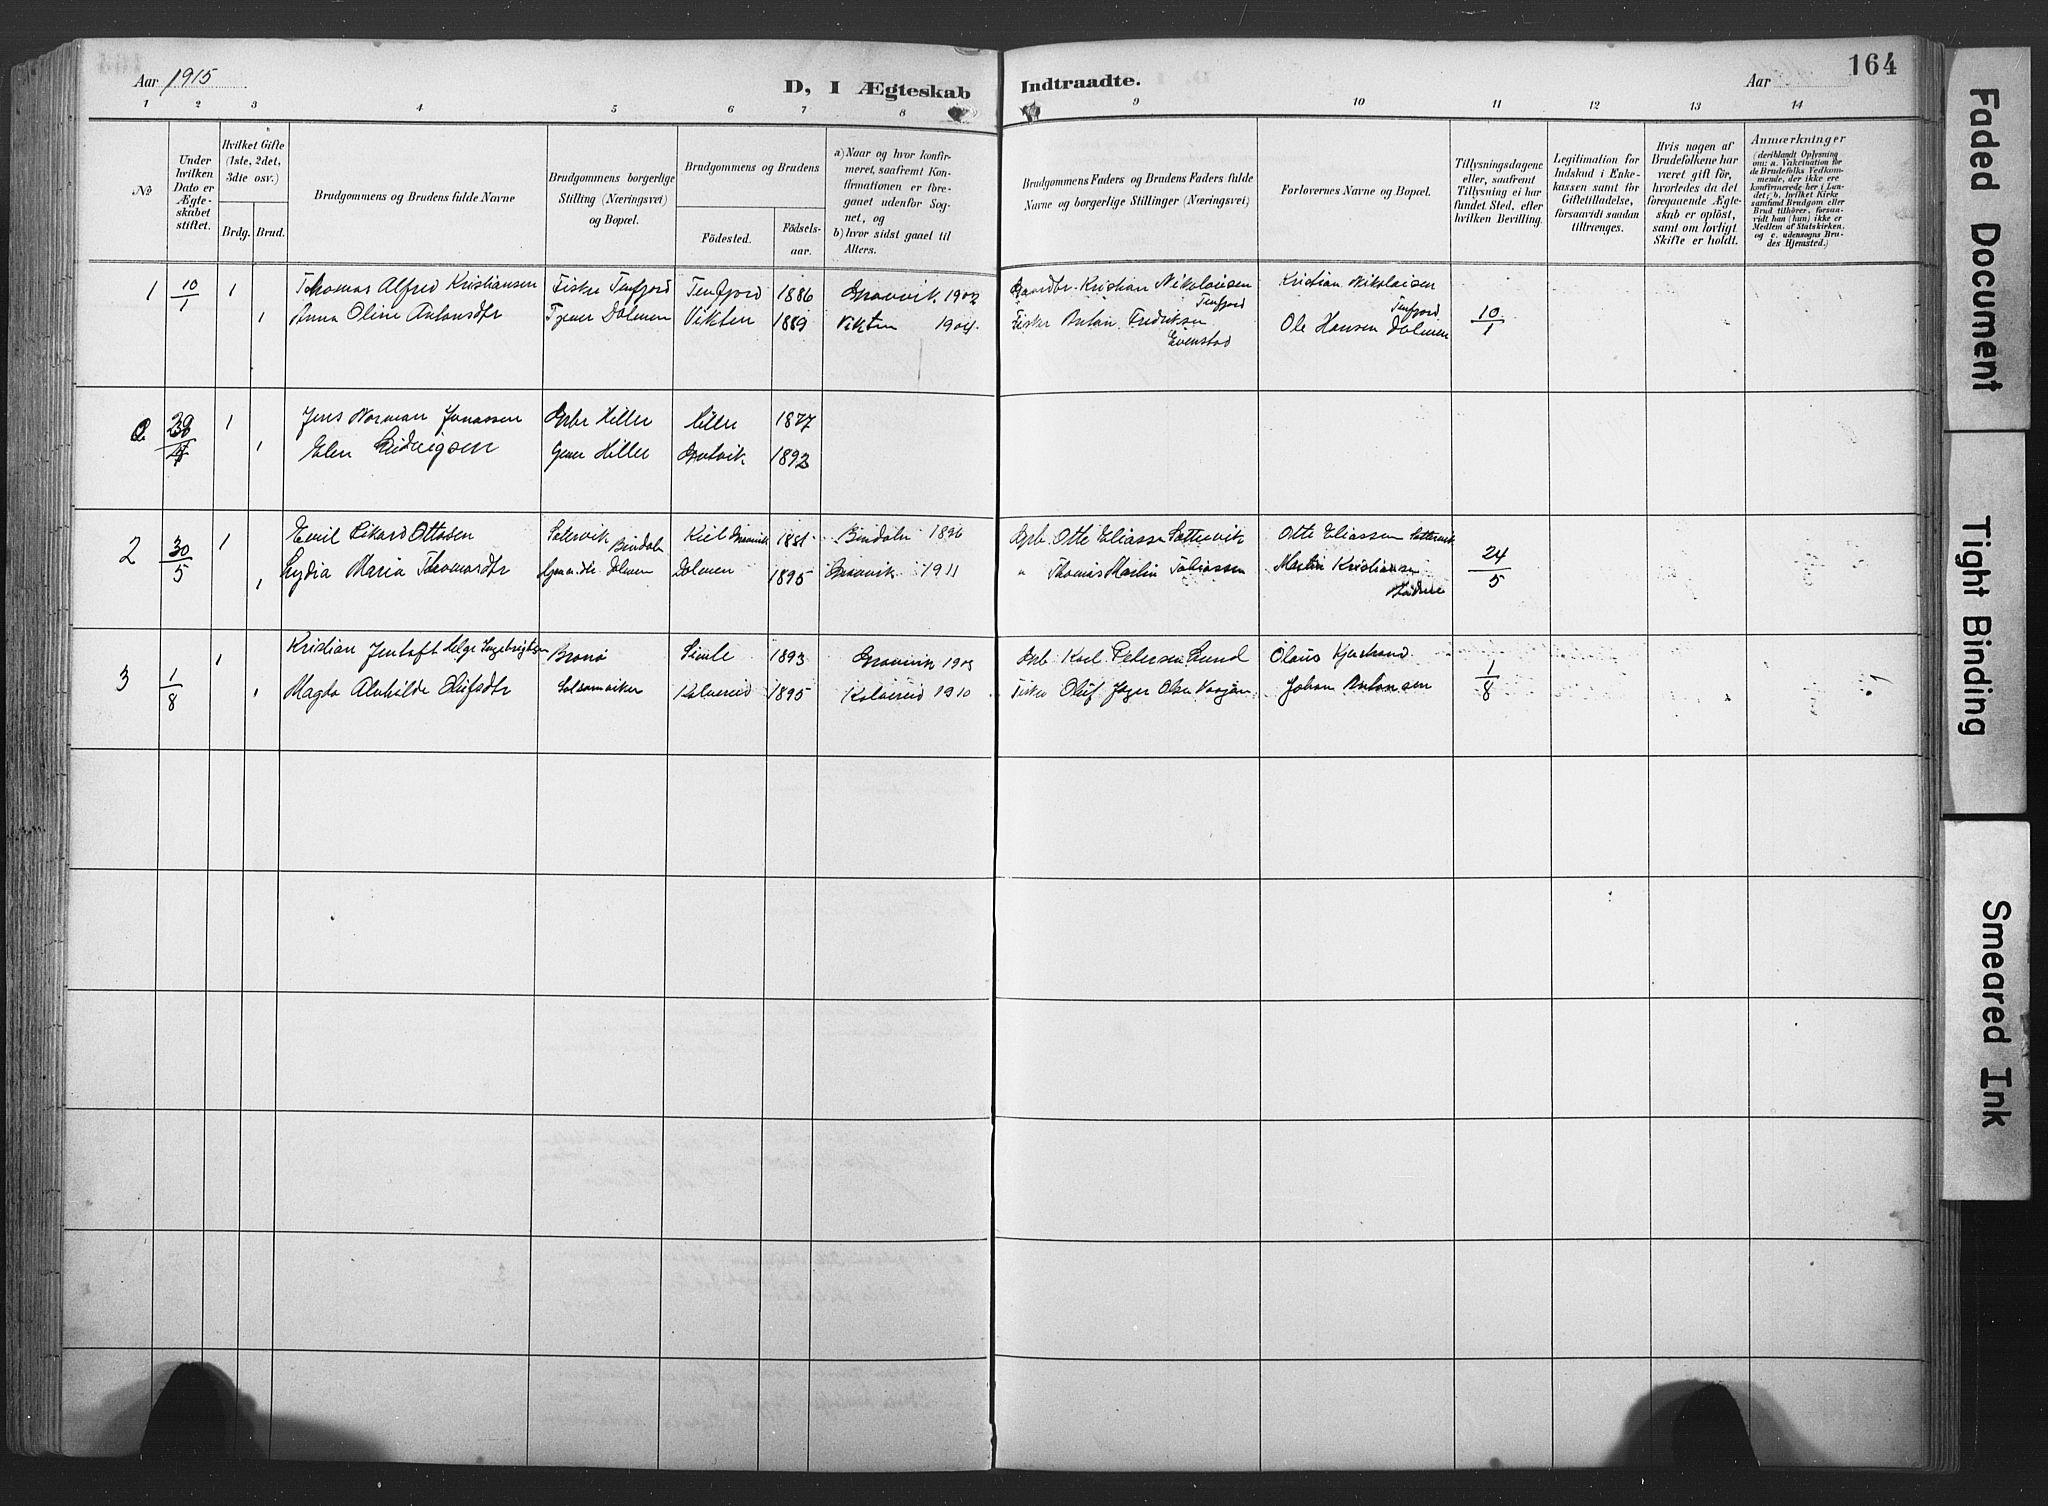 SAT, Ministerialprotokoller, klokkerbøker og fødselsregistre - Nord-Trøndelag, 789/L0706: Klokkerbok nr. 789C01, 1888-1931, s. 164